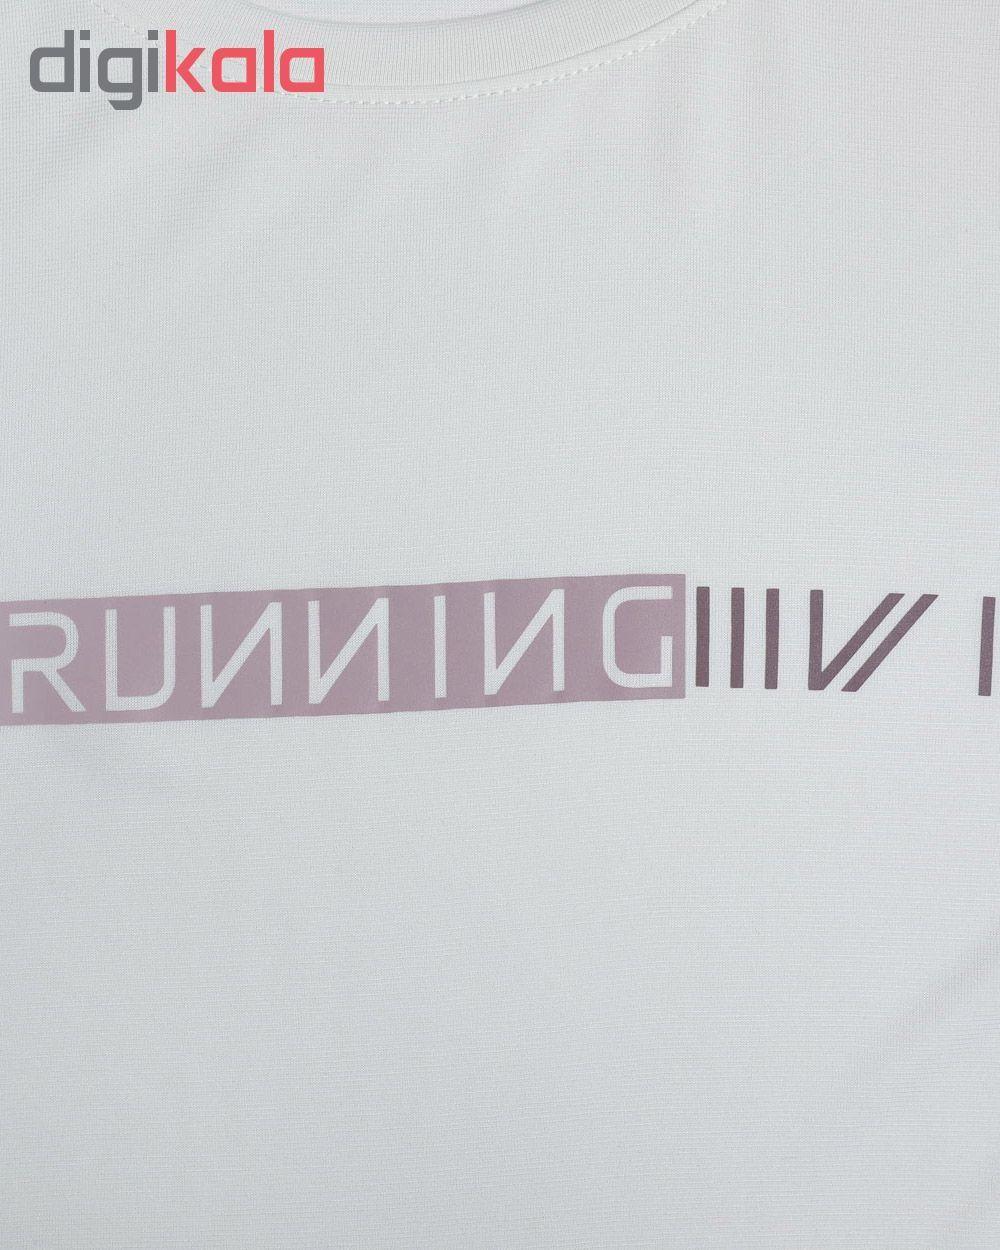 تی شرت زنانه 361 درجه کد 4-561912102 -  - 3